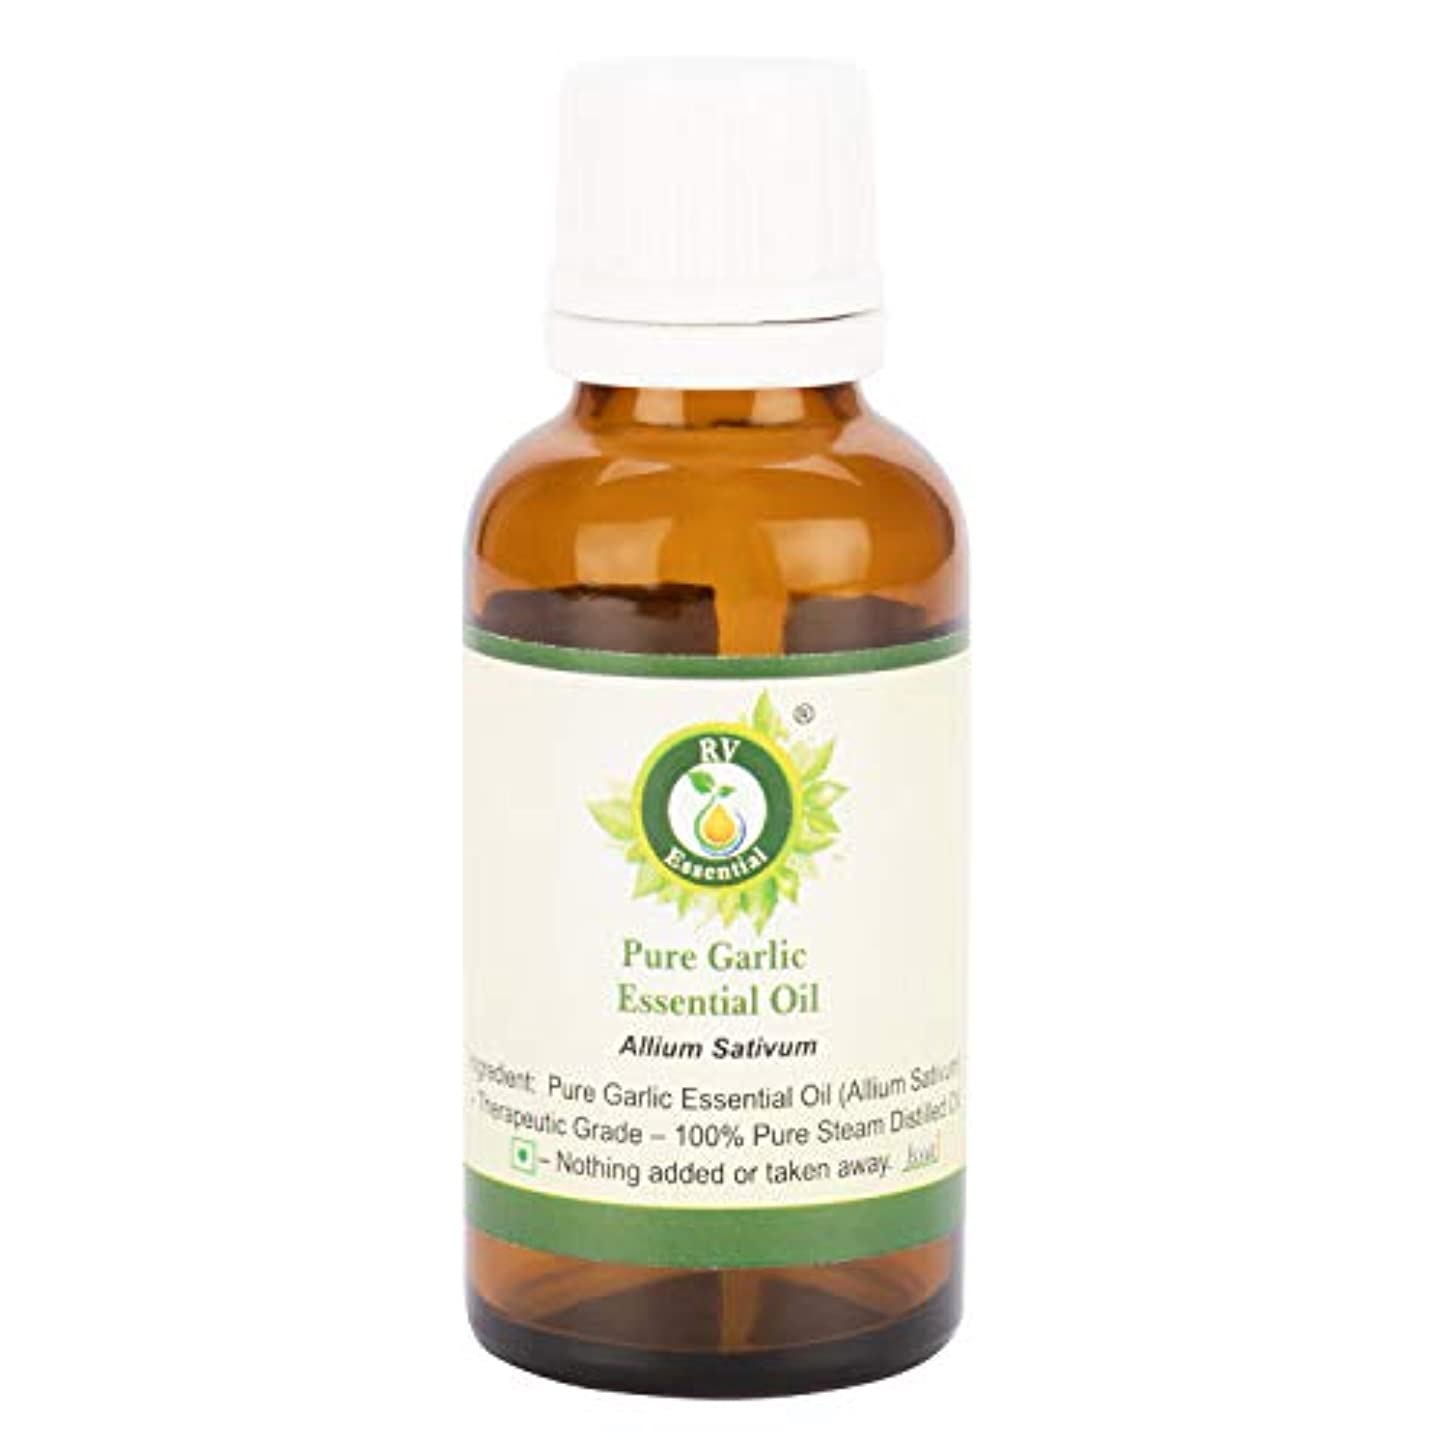 仮定する衝突する出演者ピュアニンニクエッセンシャルオイル100ml (3.38oz)- Allium Sativum (100%純粋&天然スチームDistilled) Pure Garlic Essential Oil